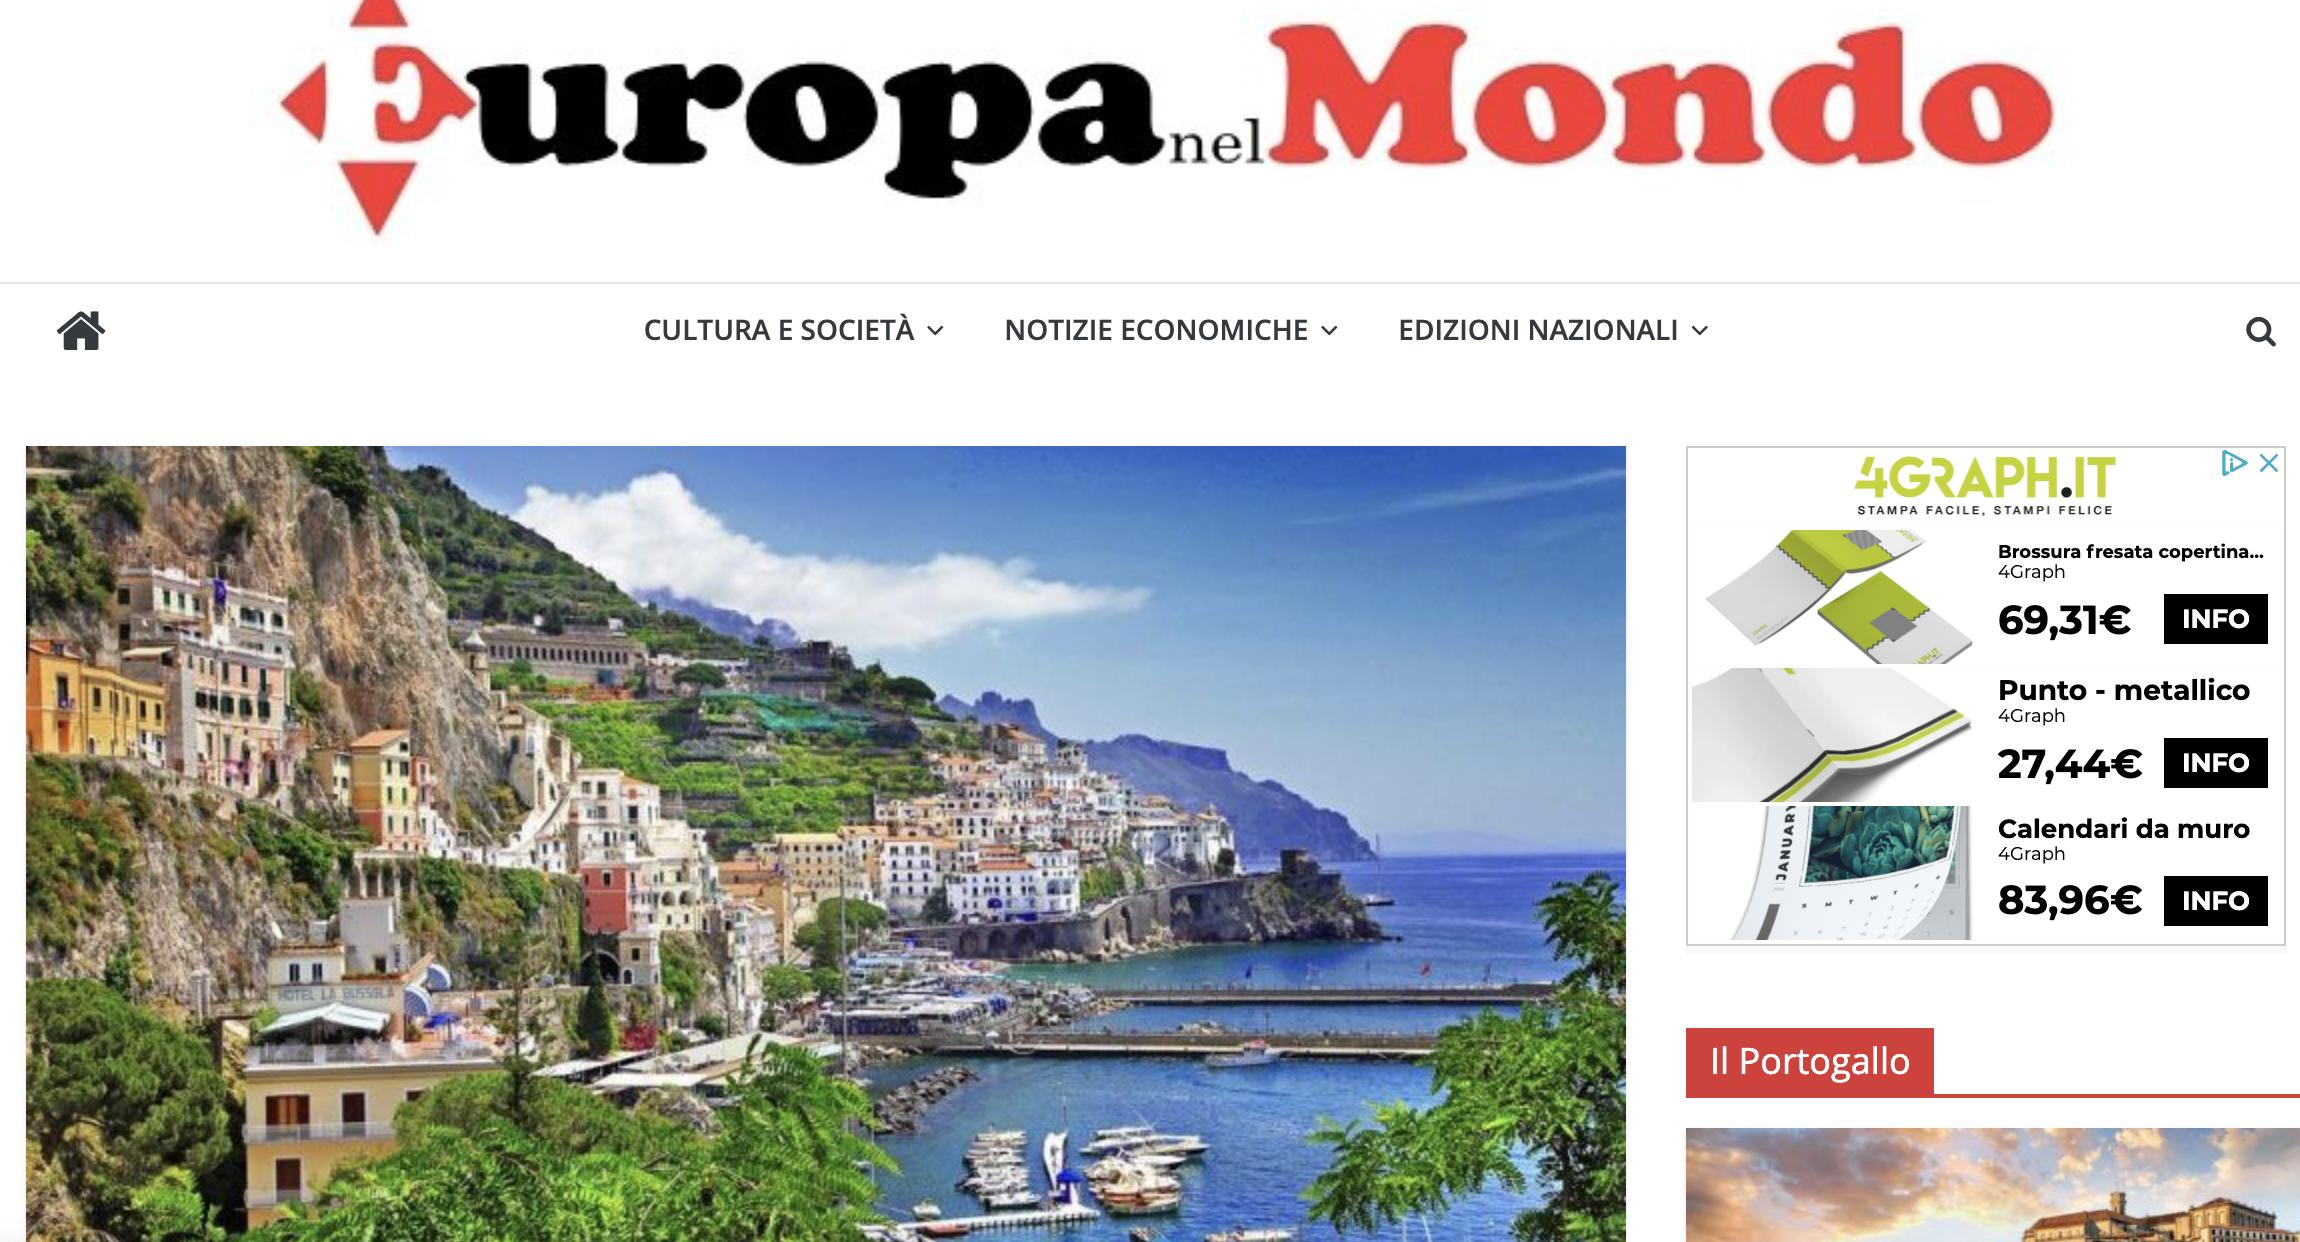 Premio Danza Capri International – Europa nel Mondo